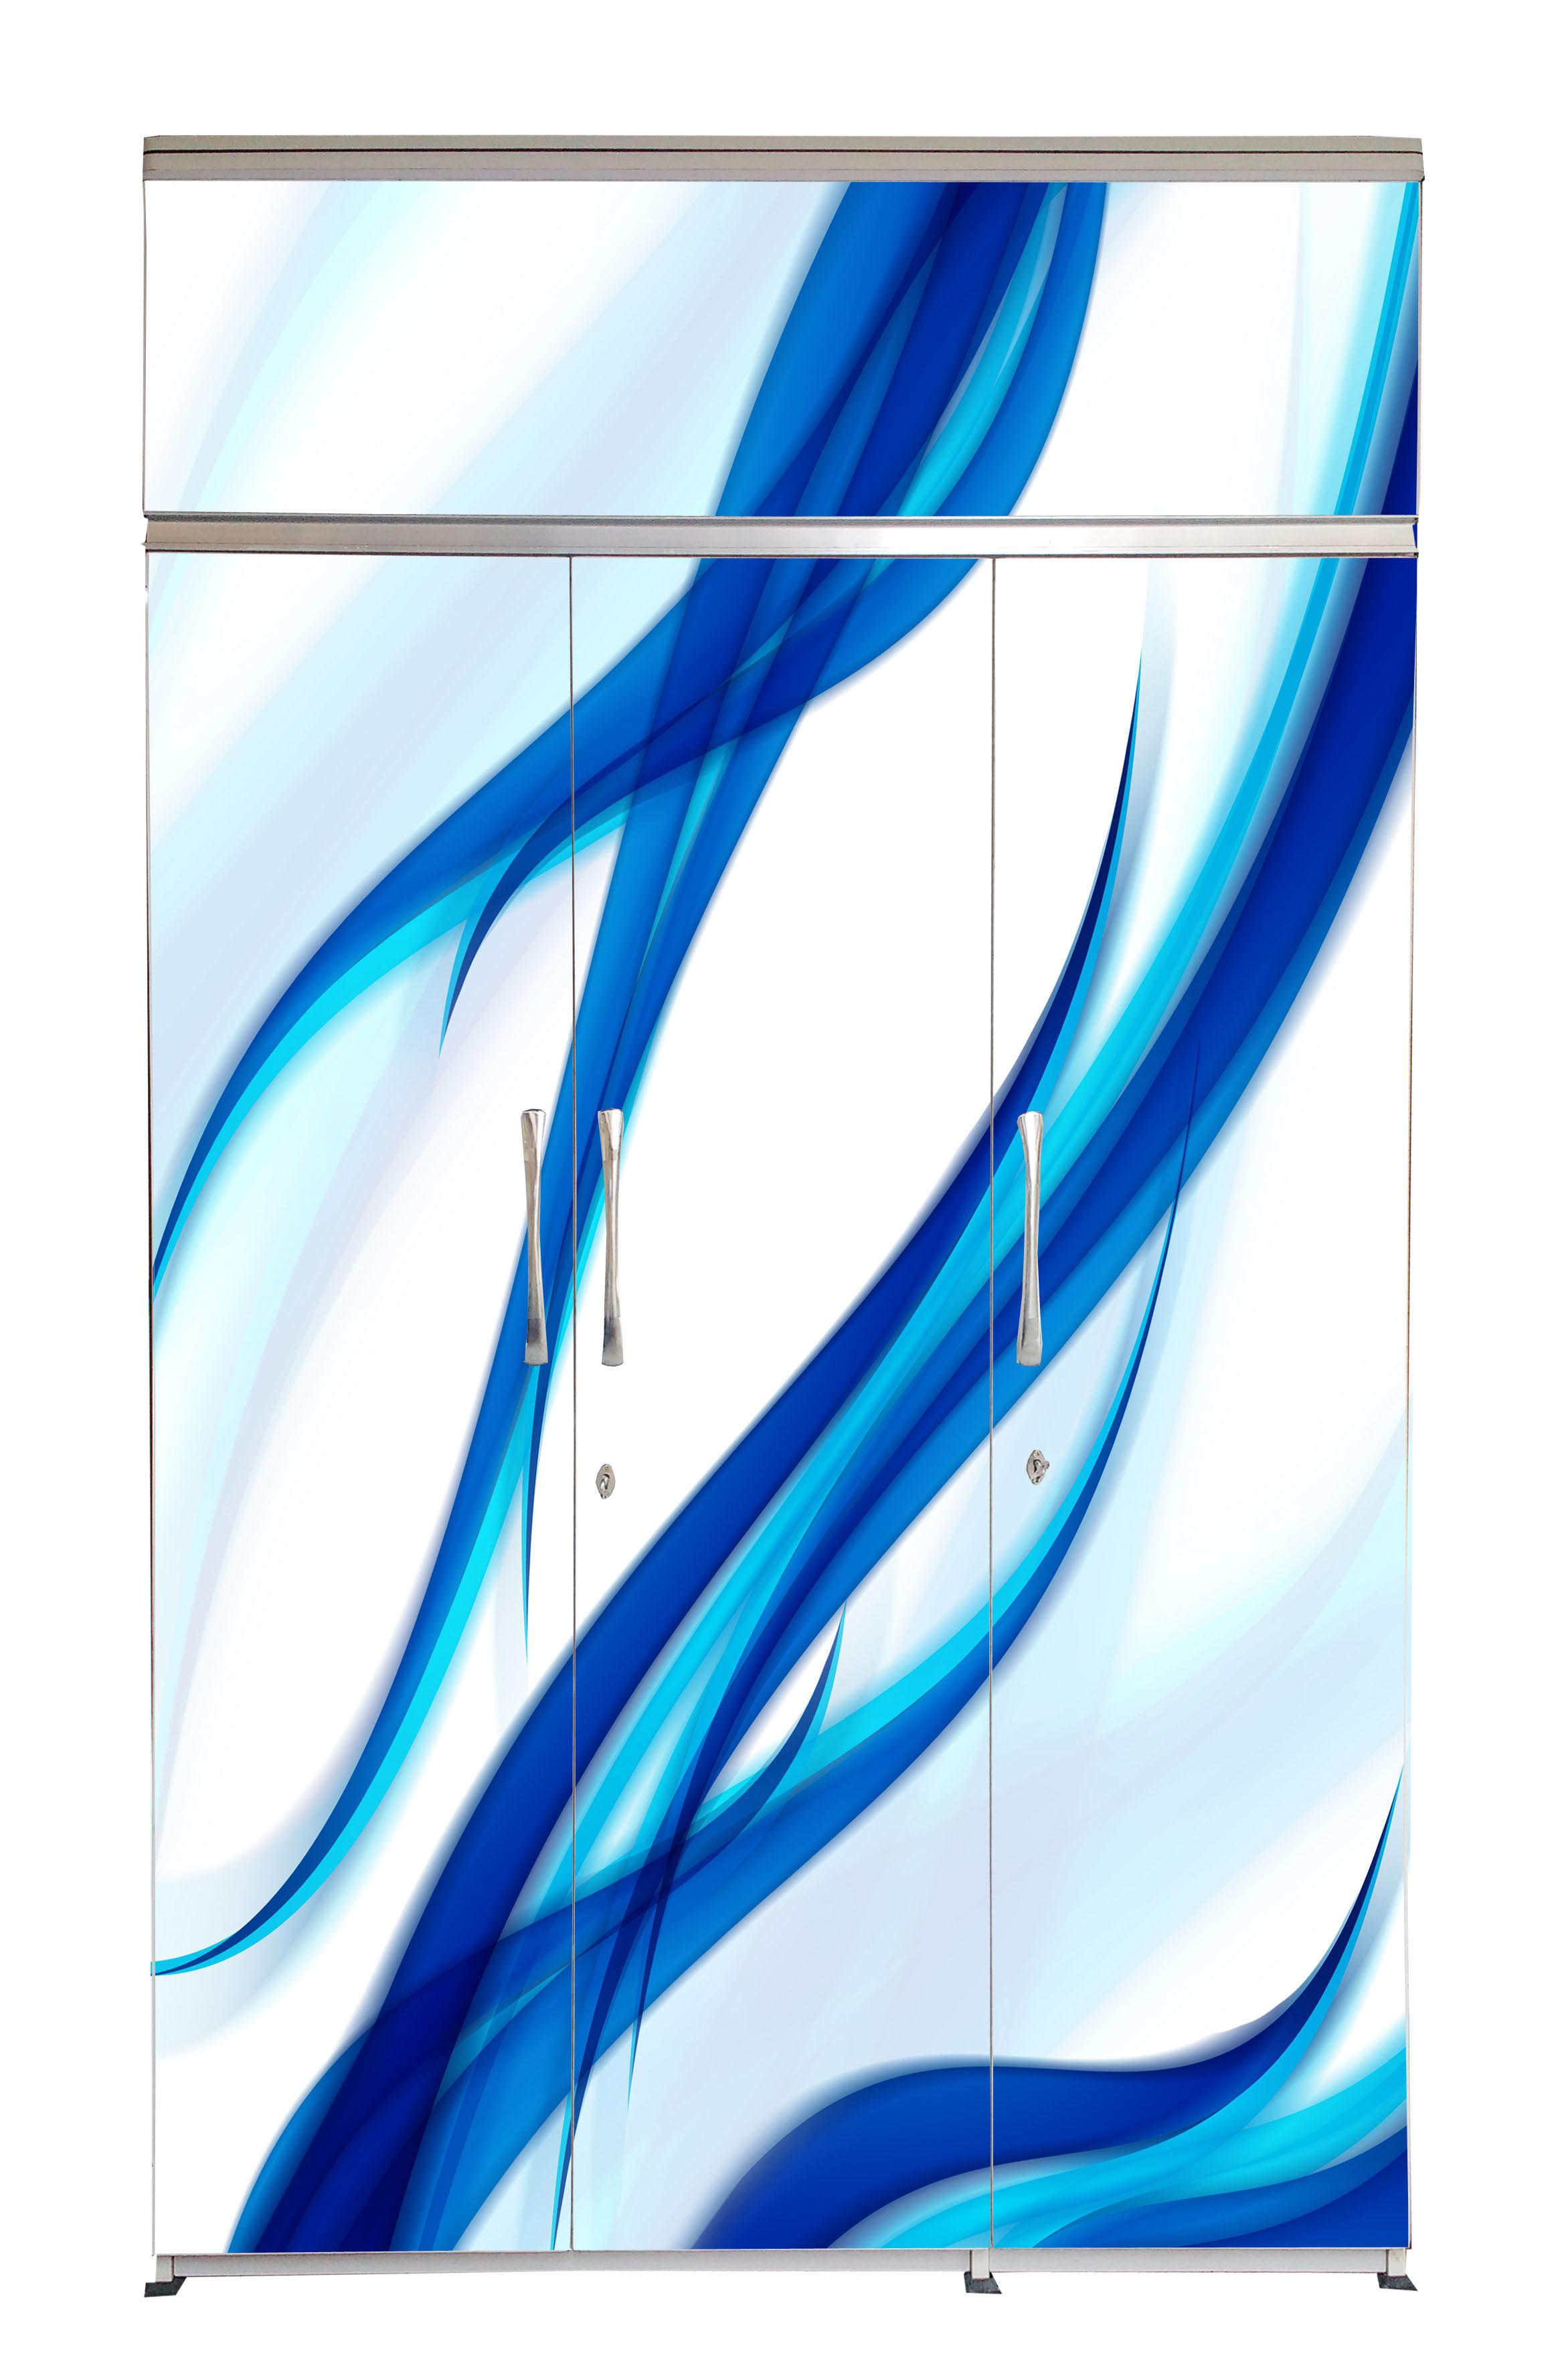 BS-3D-01-Blue Curves-C